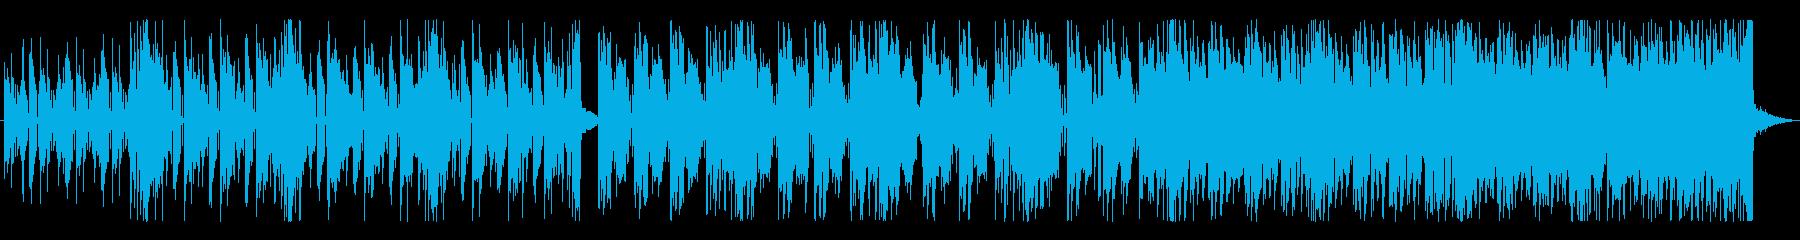 ハードボイルドでソリッドなテクノの再生済みの波形